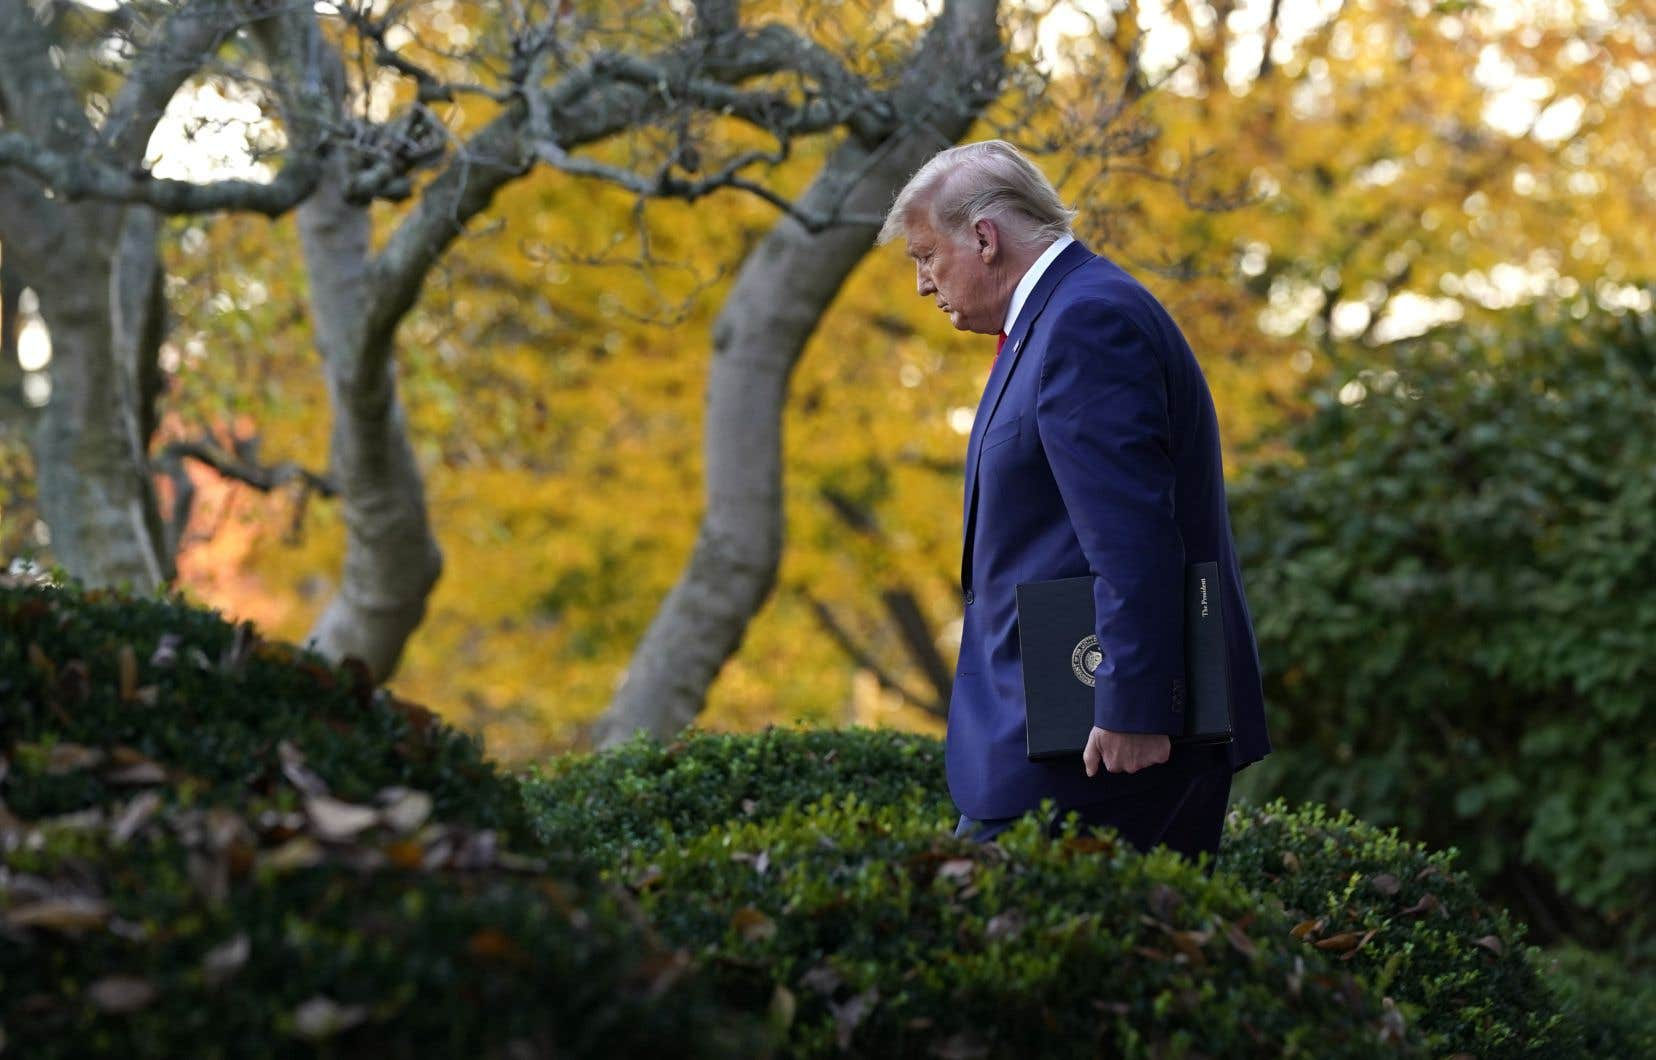 Trump a attribuée la victoire de Biden à de prétendues fraudes, et a peu après réitéré qu'il «ne concède rien».